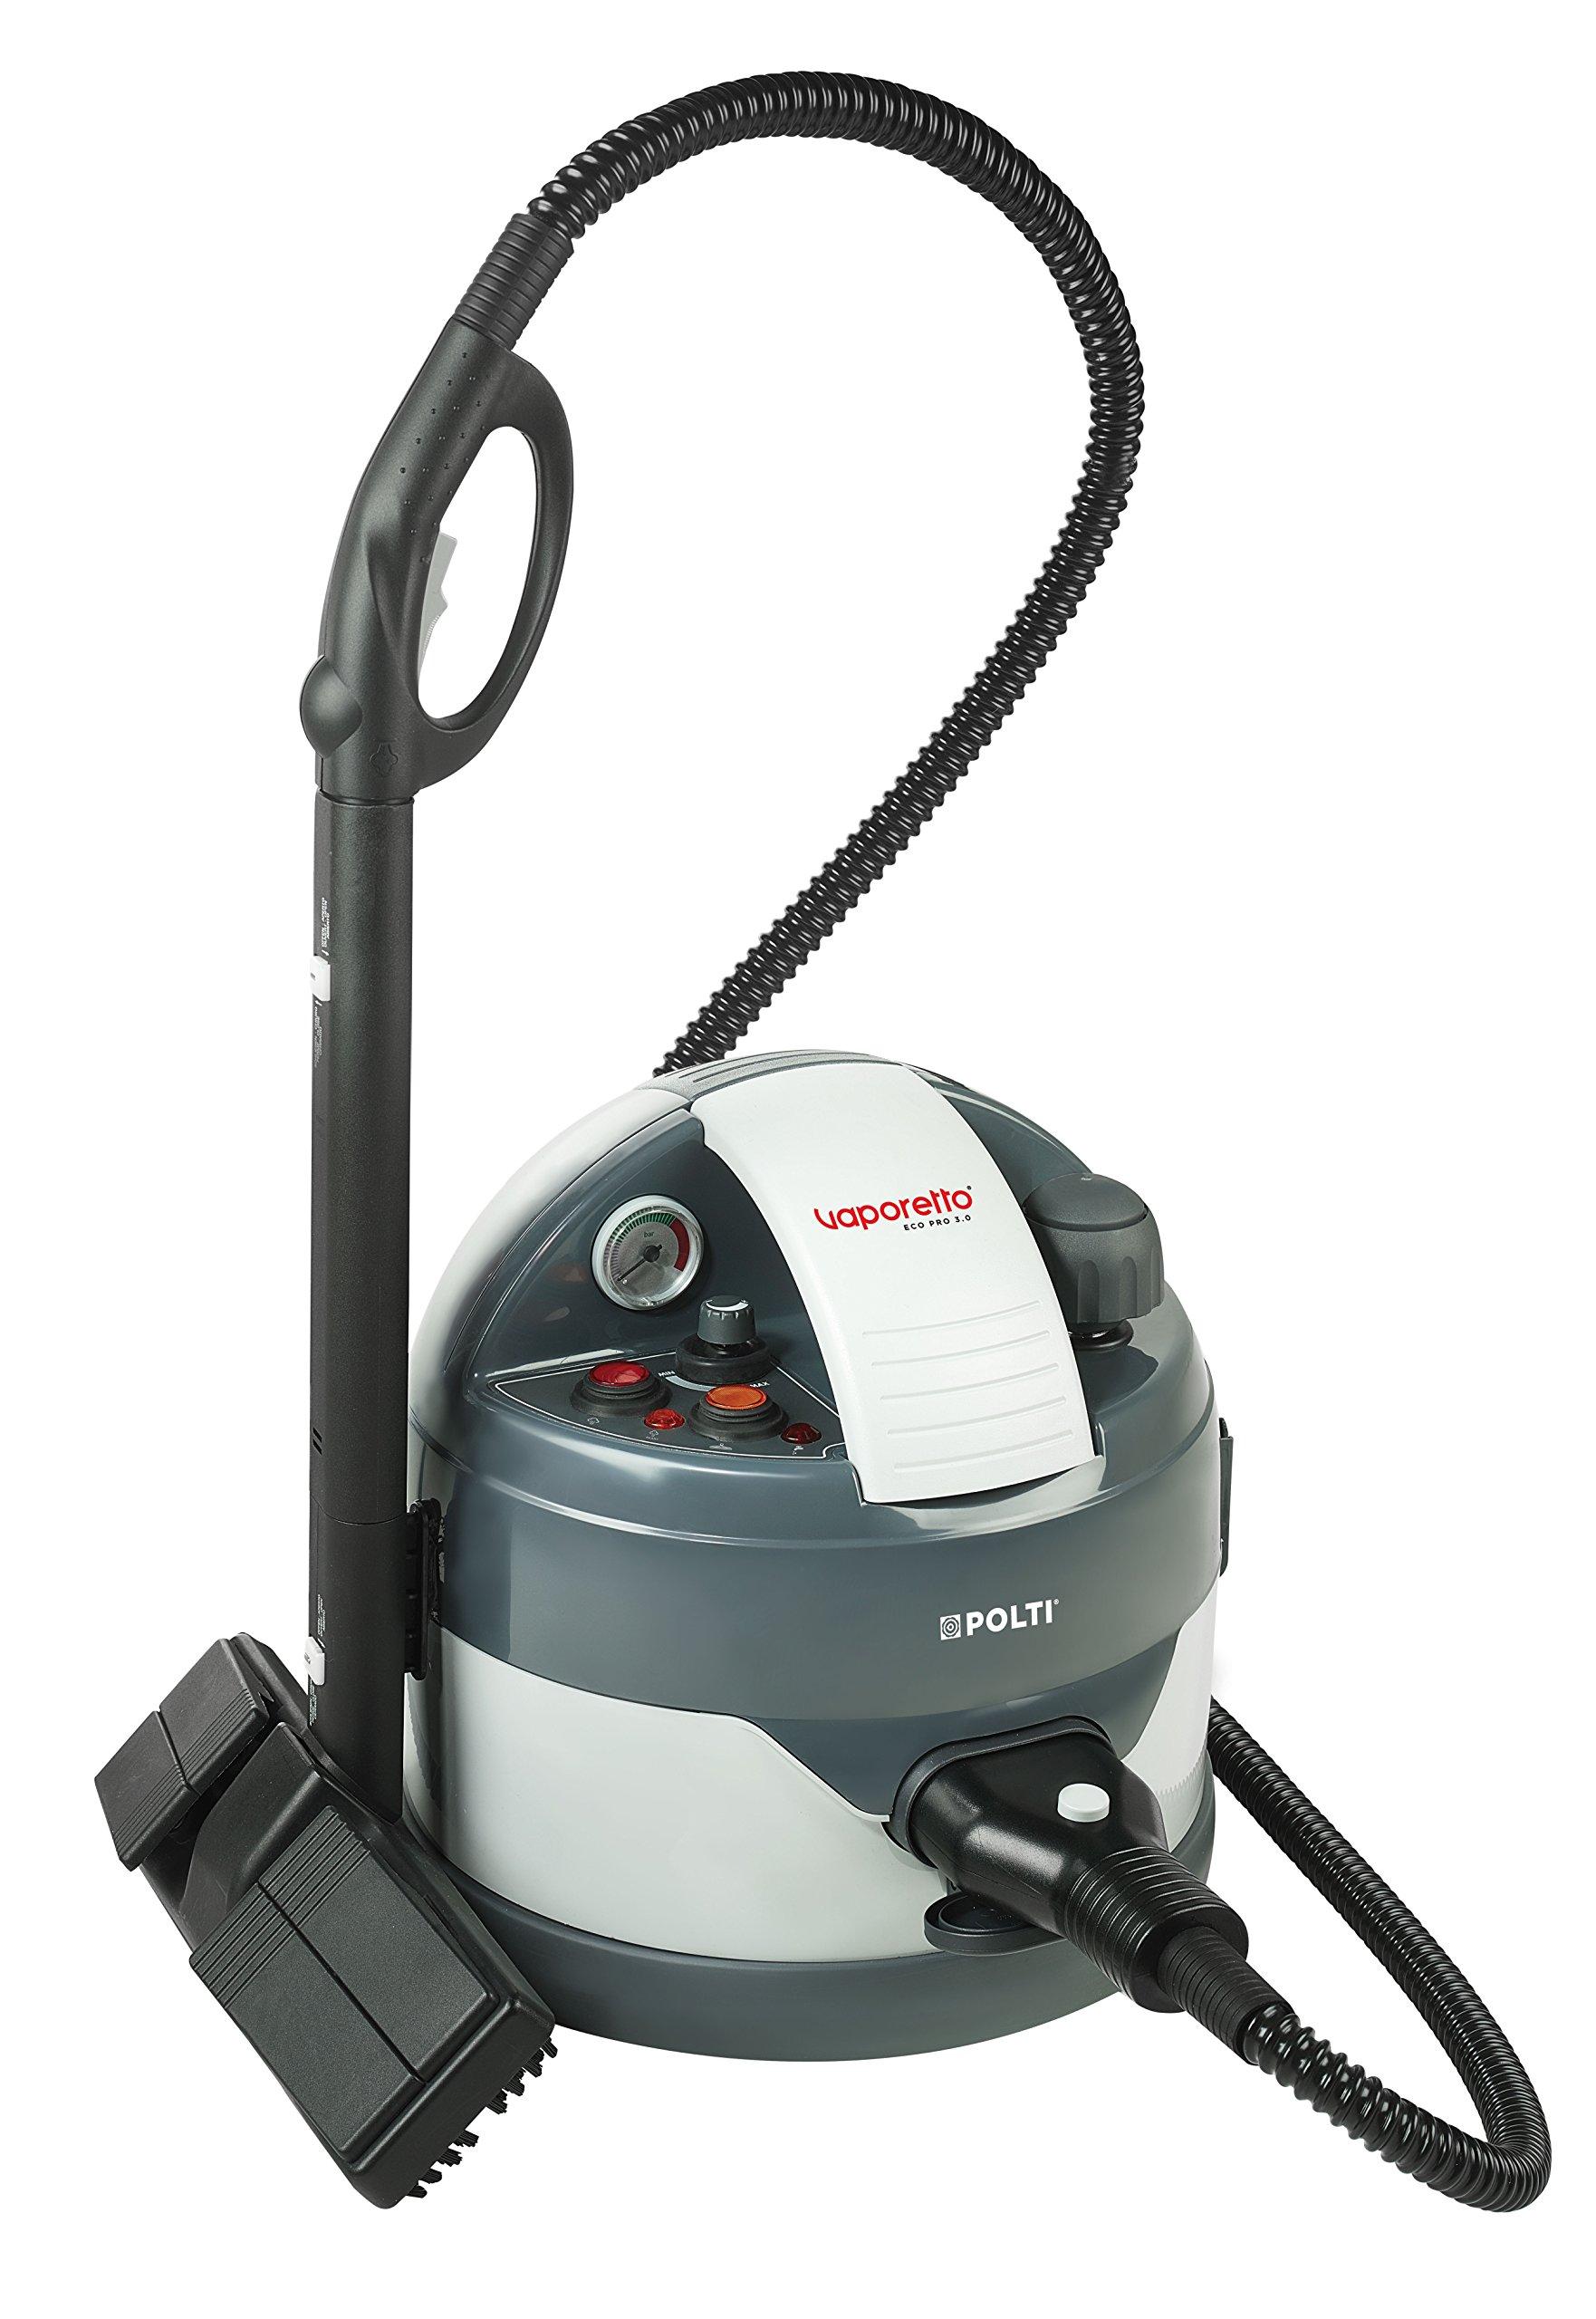 POLTI-PTEU0260-Dampfreiniger-Eco-Pro-30-mit-Sicherheitsverschluss-maximal-Dampfdruck-45-bar-Dampfausstoss-bis-zu-110-grmin-Aufheizzeit-11-Minuten-Dampfdruckanzeige-Edelstahlboiler-Gesamtleistung-2000-